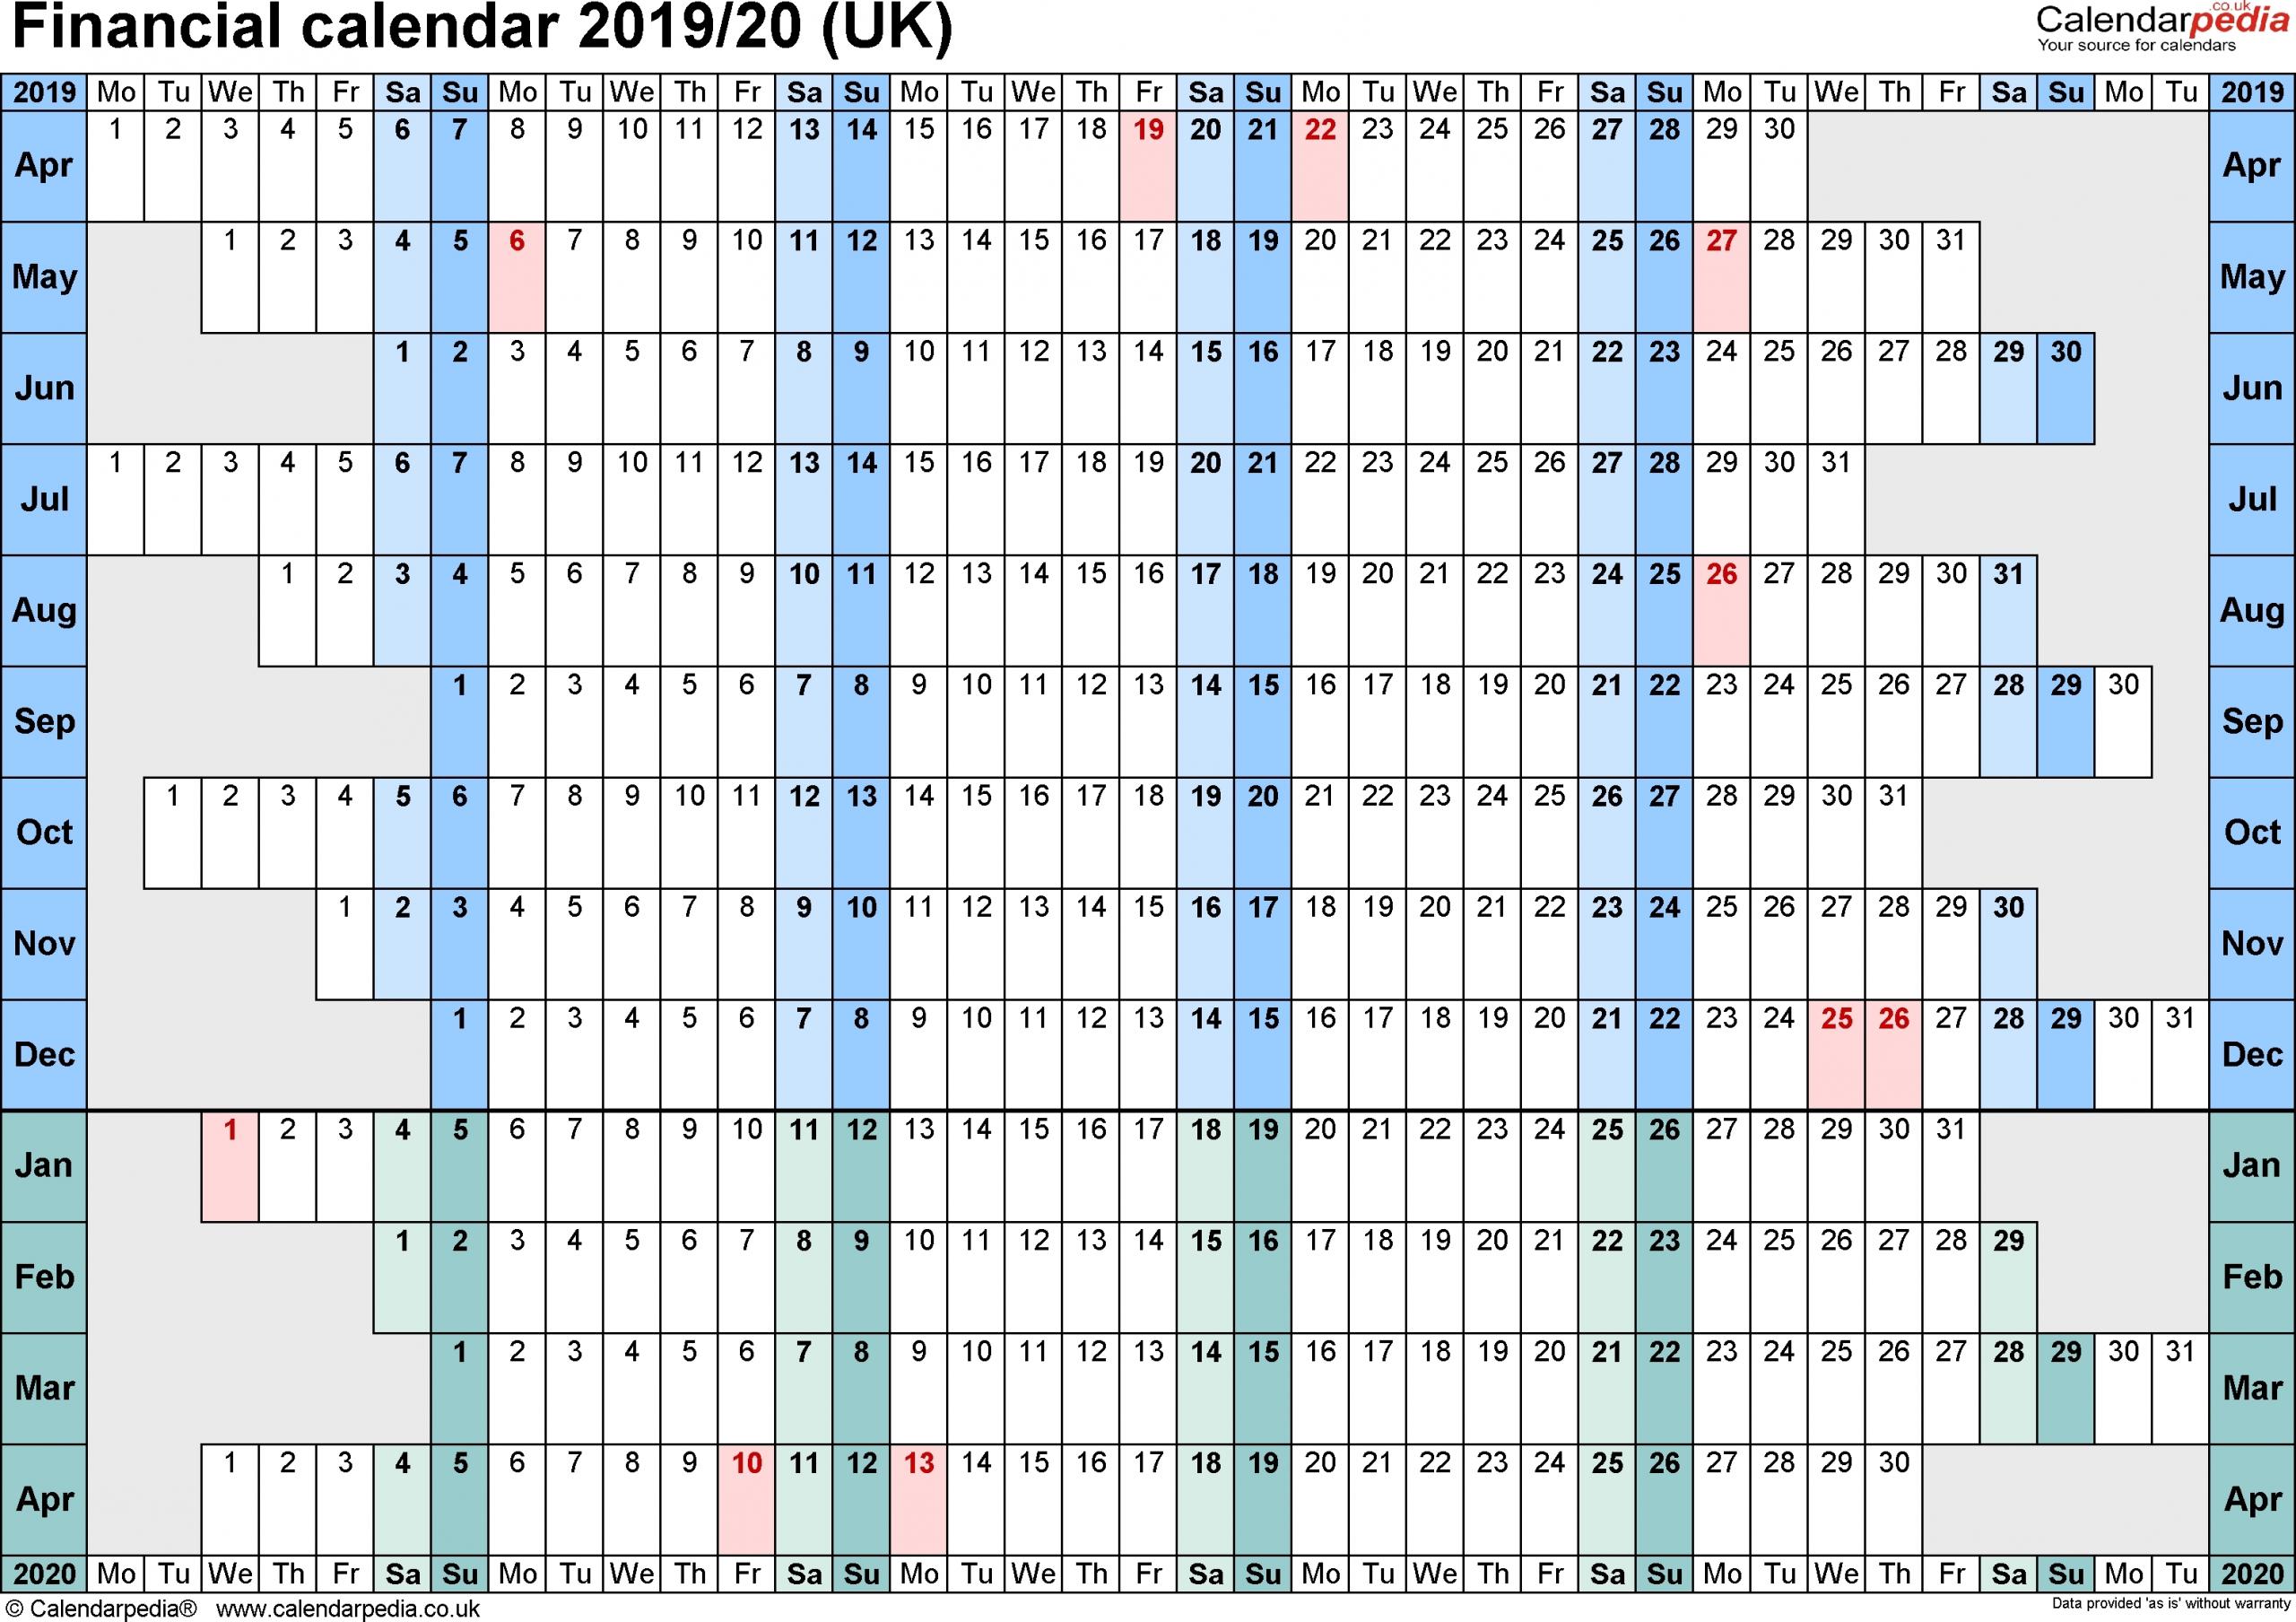 2019-2020Tax Calendar Month And Week - Calendar Inspiration intended for Financial Week To Calendar 2019